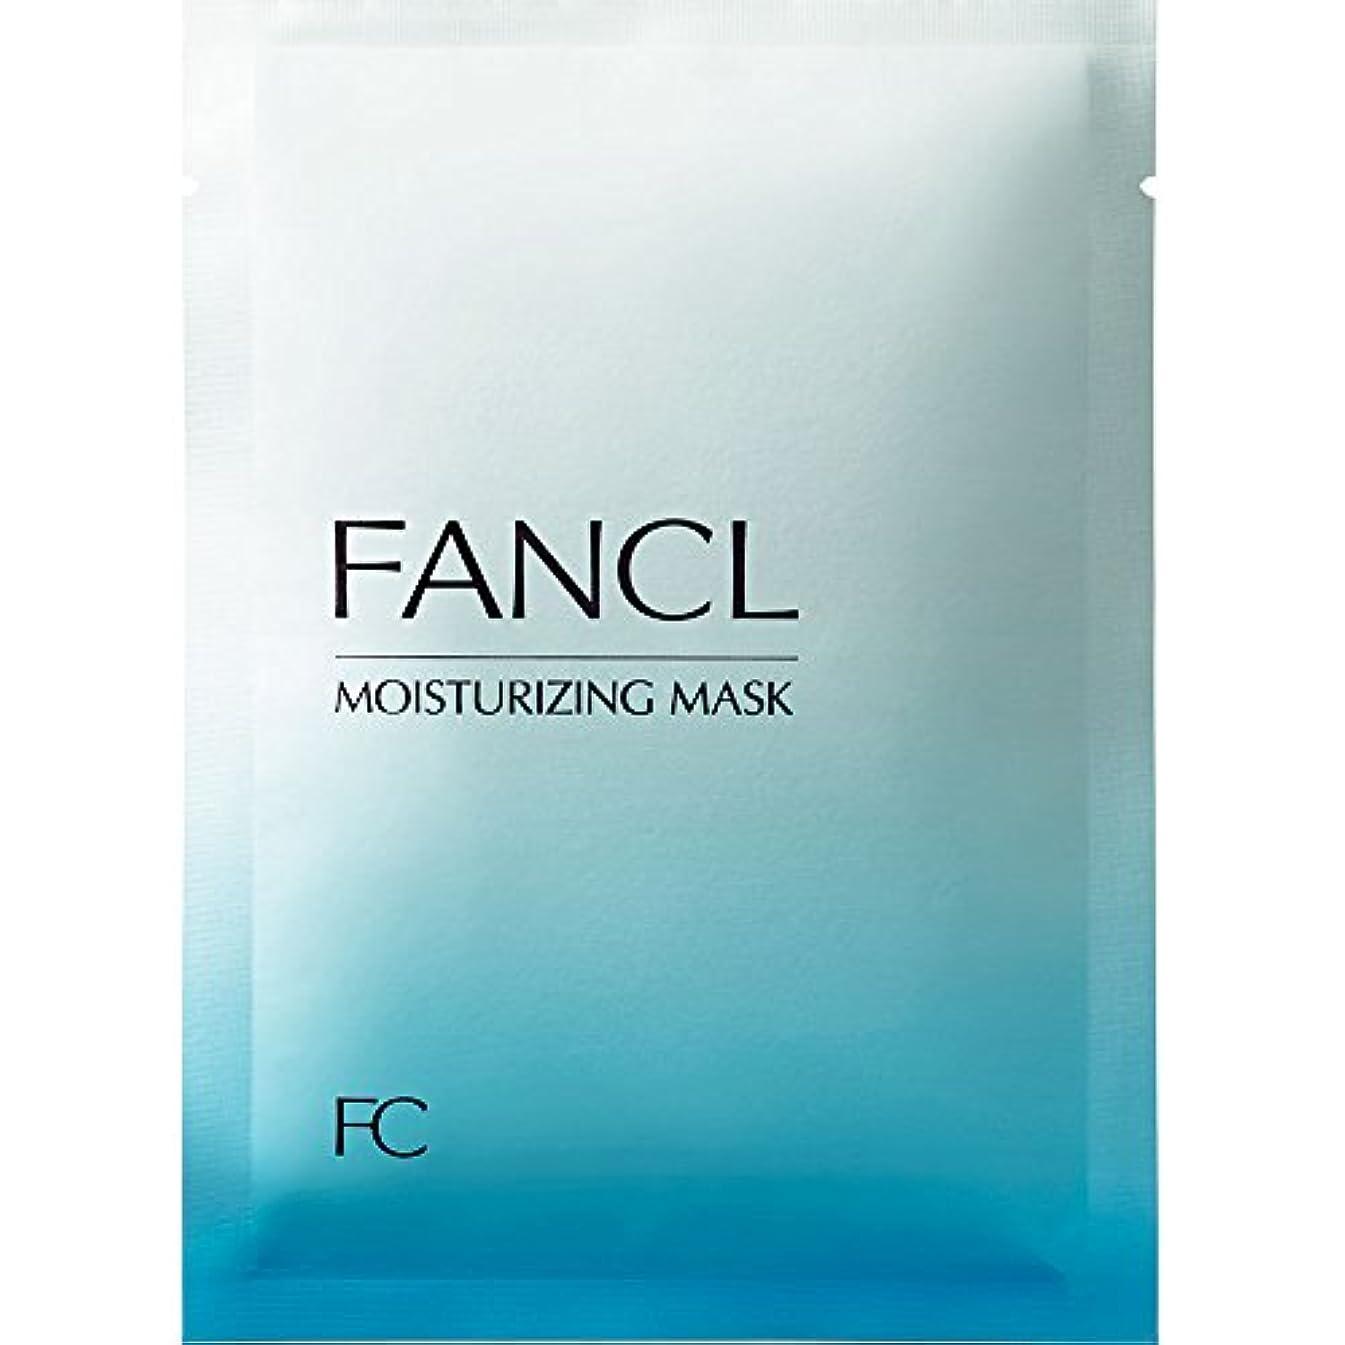 アテンダントに話す分析ファンケル (FANCL) モイスチャライジング マスク 6枚セット (18mL×6)